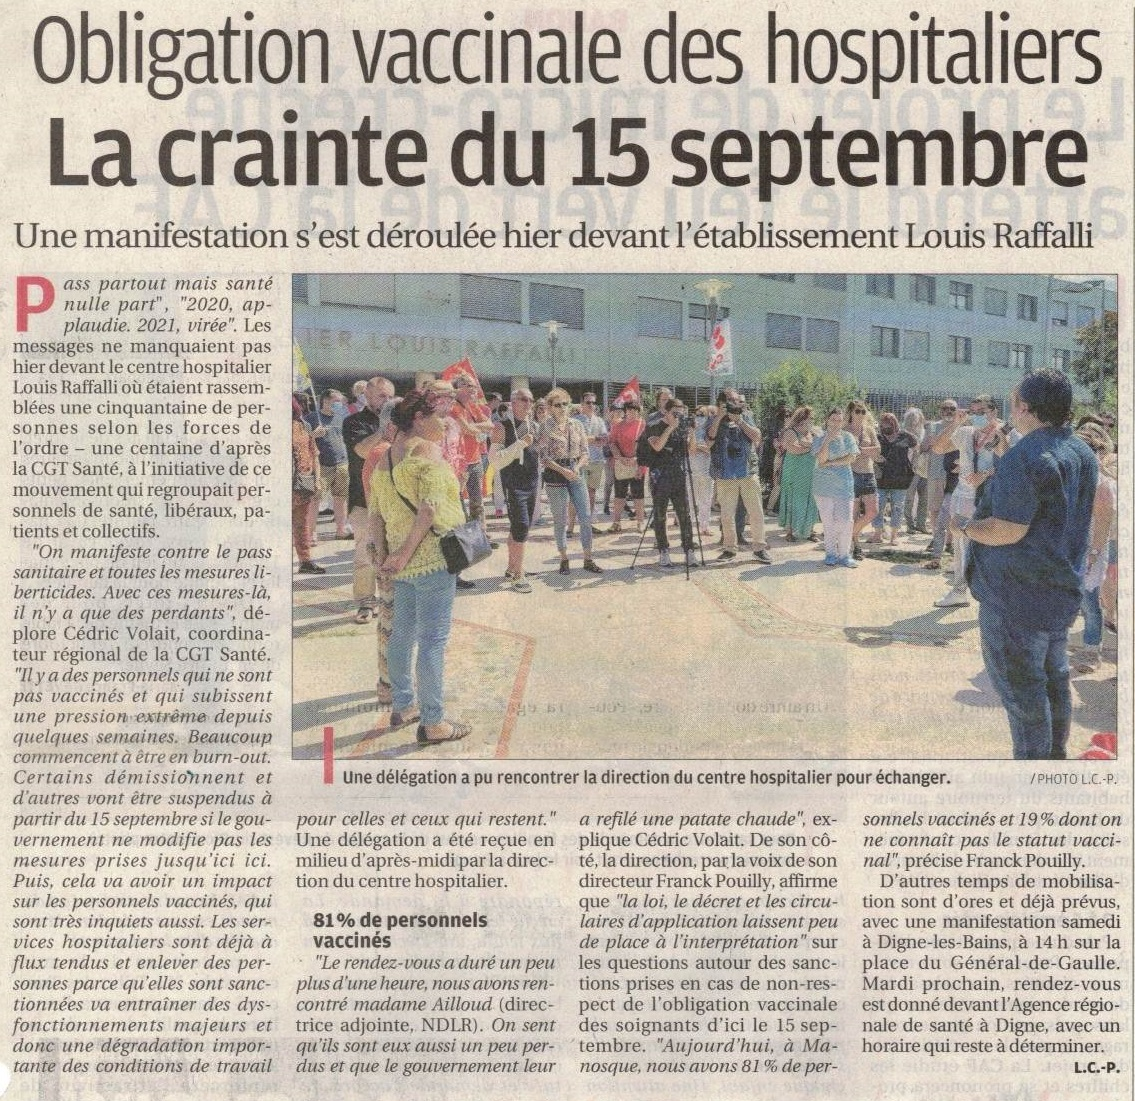 1376. Article La Provence du 8 septembre 2021